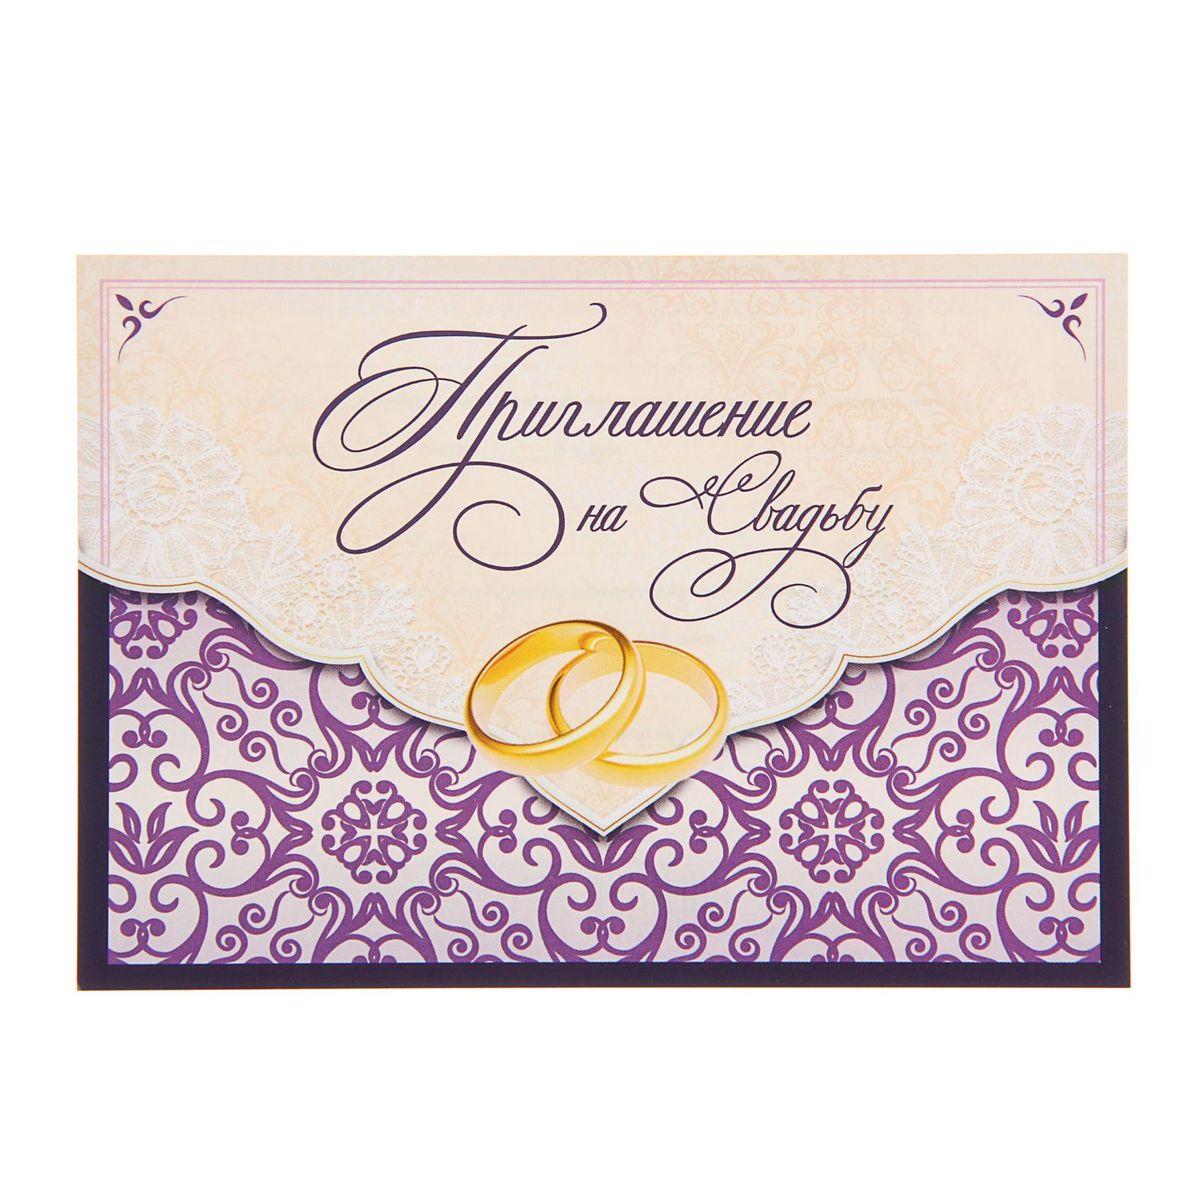 Sima-land Приглашение на свадьбу Пурпурная свадьба, 10,5 х 15 см.1338637Свадьба — одно из главных событий в жизни каждого человека. Для идеального торжества необходимо продумать каждую мелочь. Родным и близким будет приятно получить индивидуальную красивую открытку с эксклюзивным дизайном.